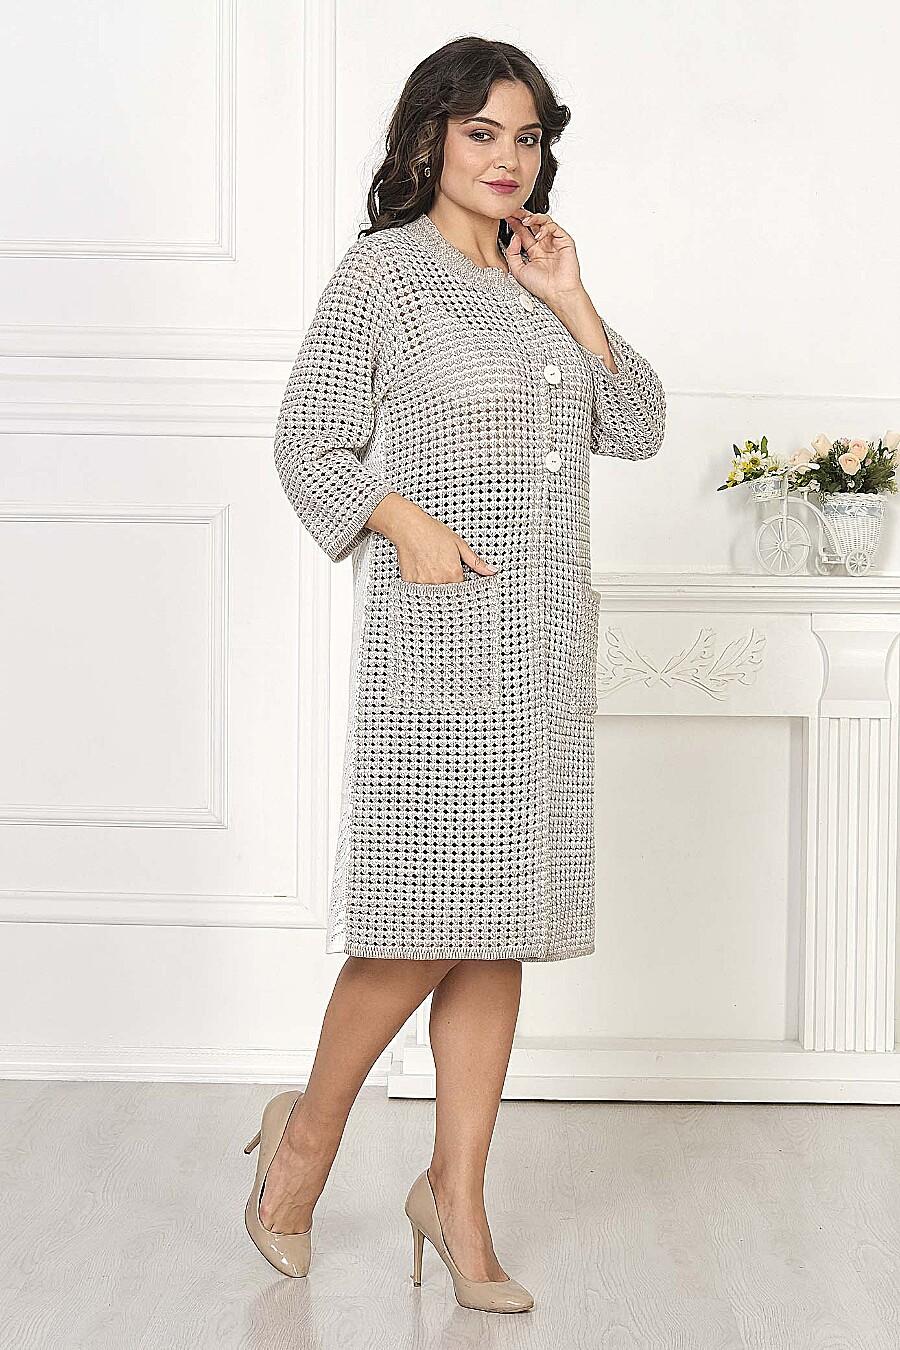 Кардиган для женщин ANKOLI 184374 купить оптом от производителя. Совместная покупка женской одежды в OptMoyo